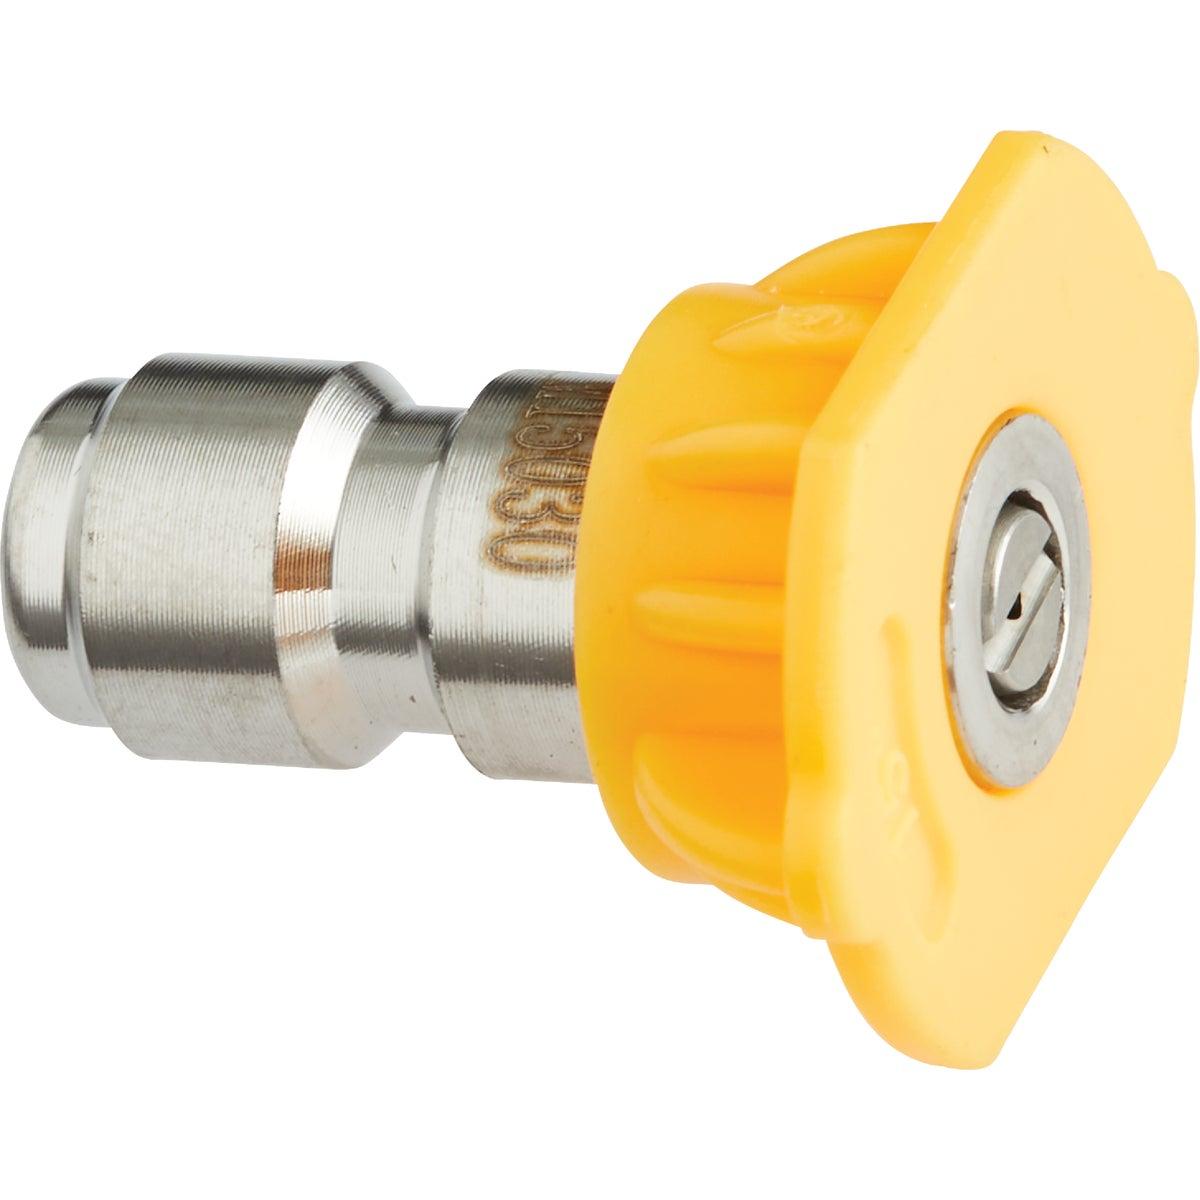 Mi T M #aw-0018-0150 3.0 Orifice Nozzle 15